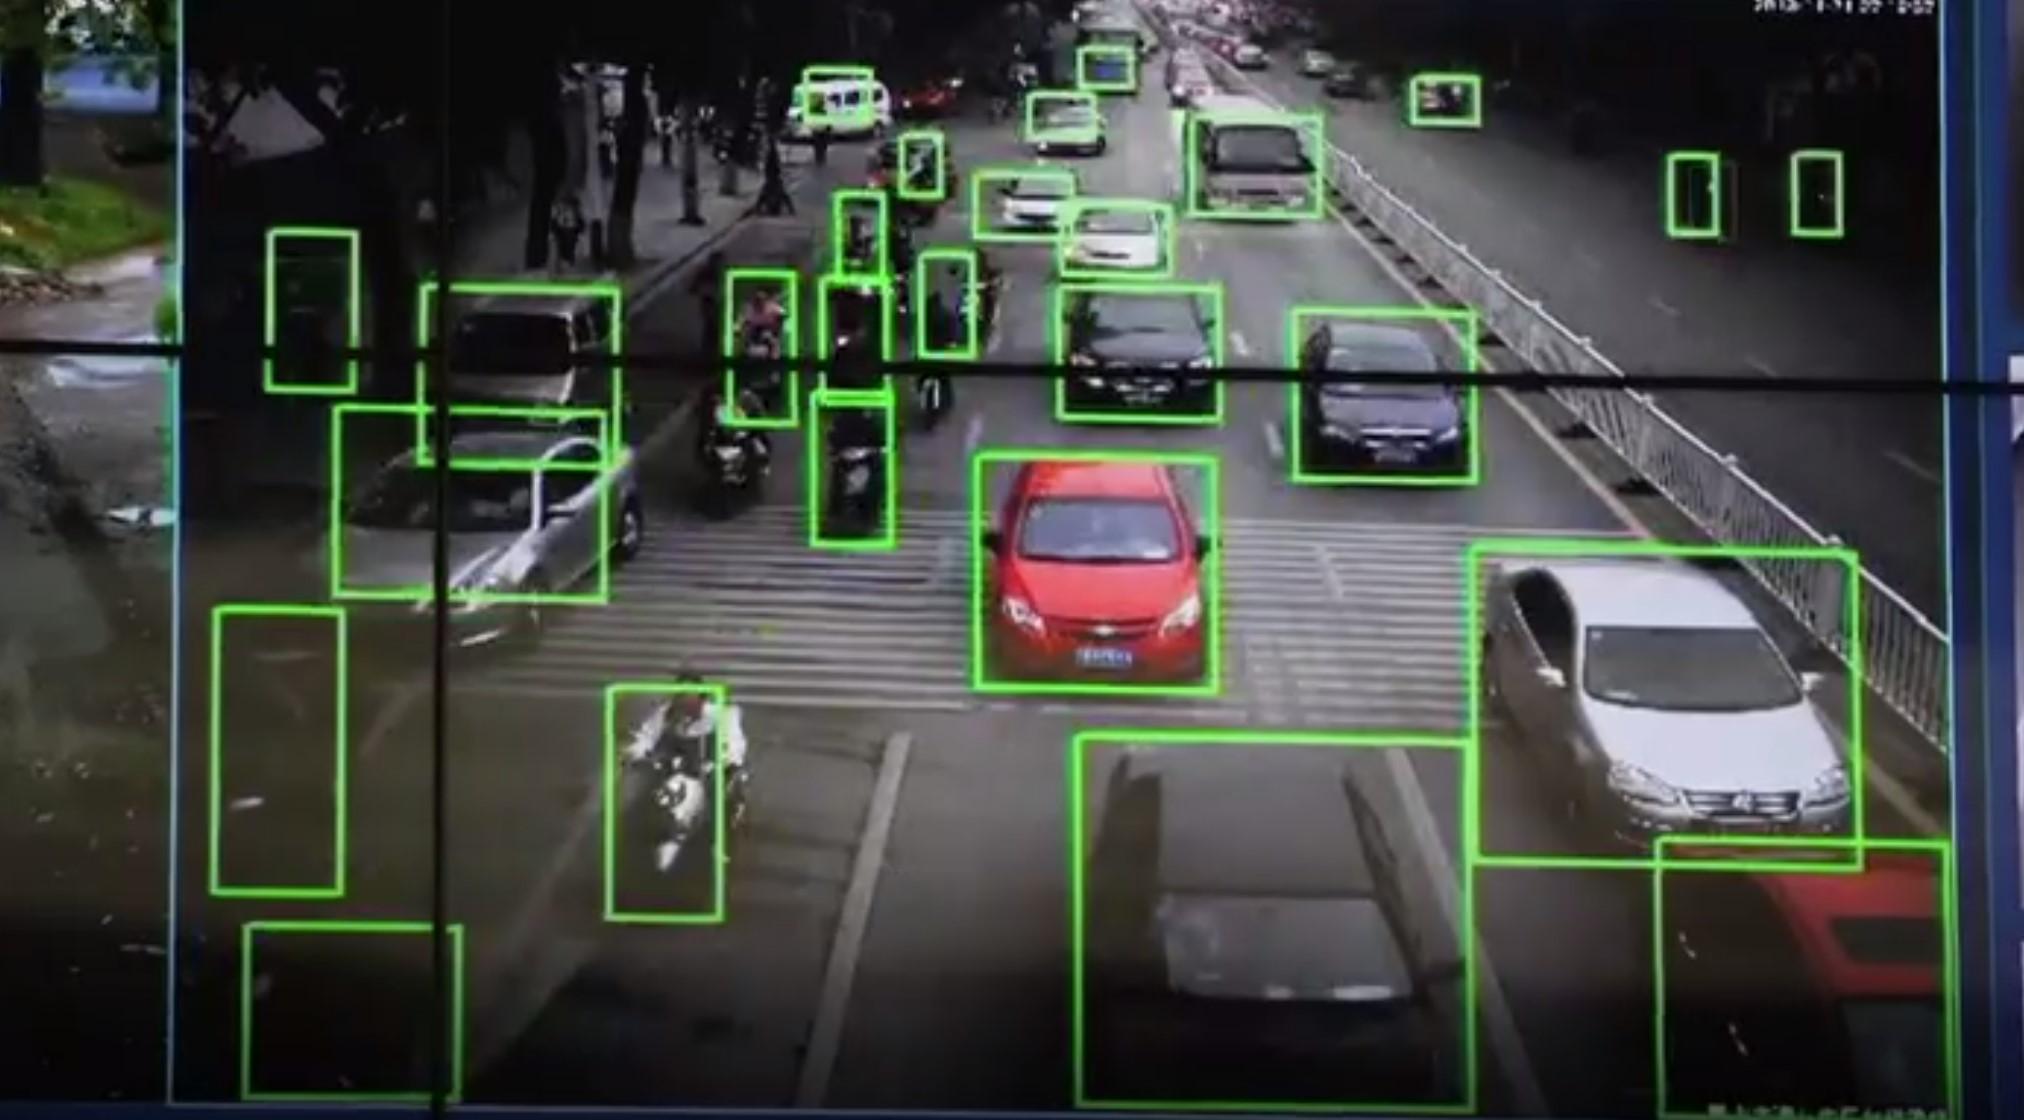 Камеры видеонаблюдения будут вычислять тех, кто говорит по телефону за рулем и ездит без ремня